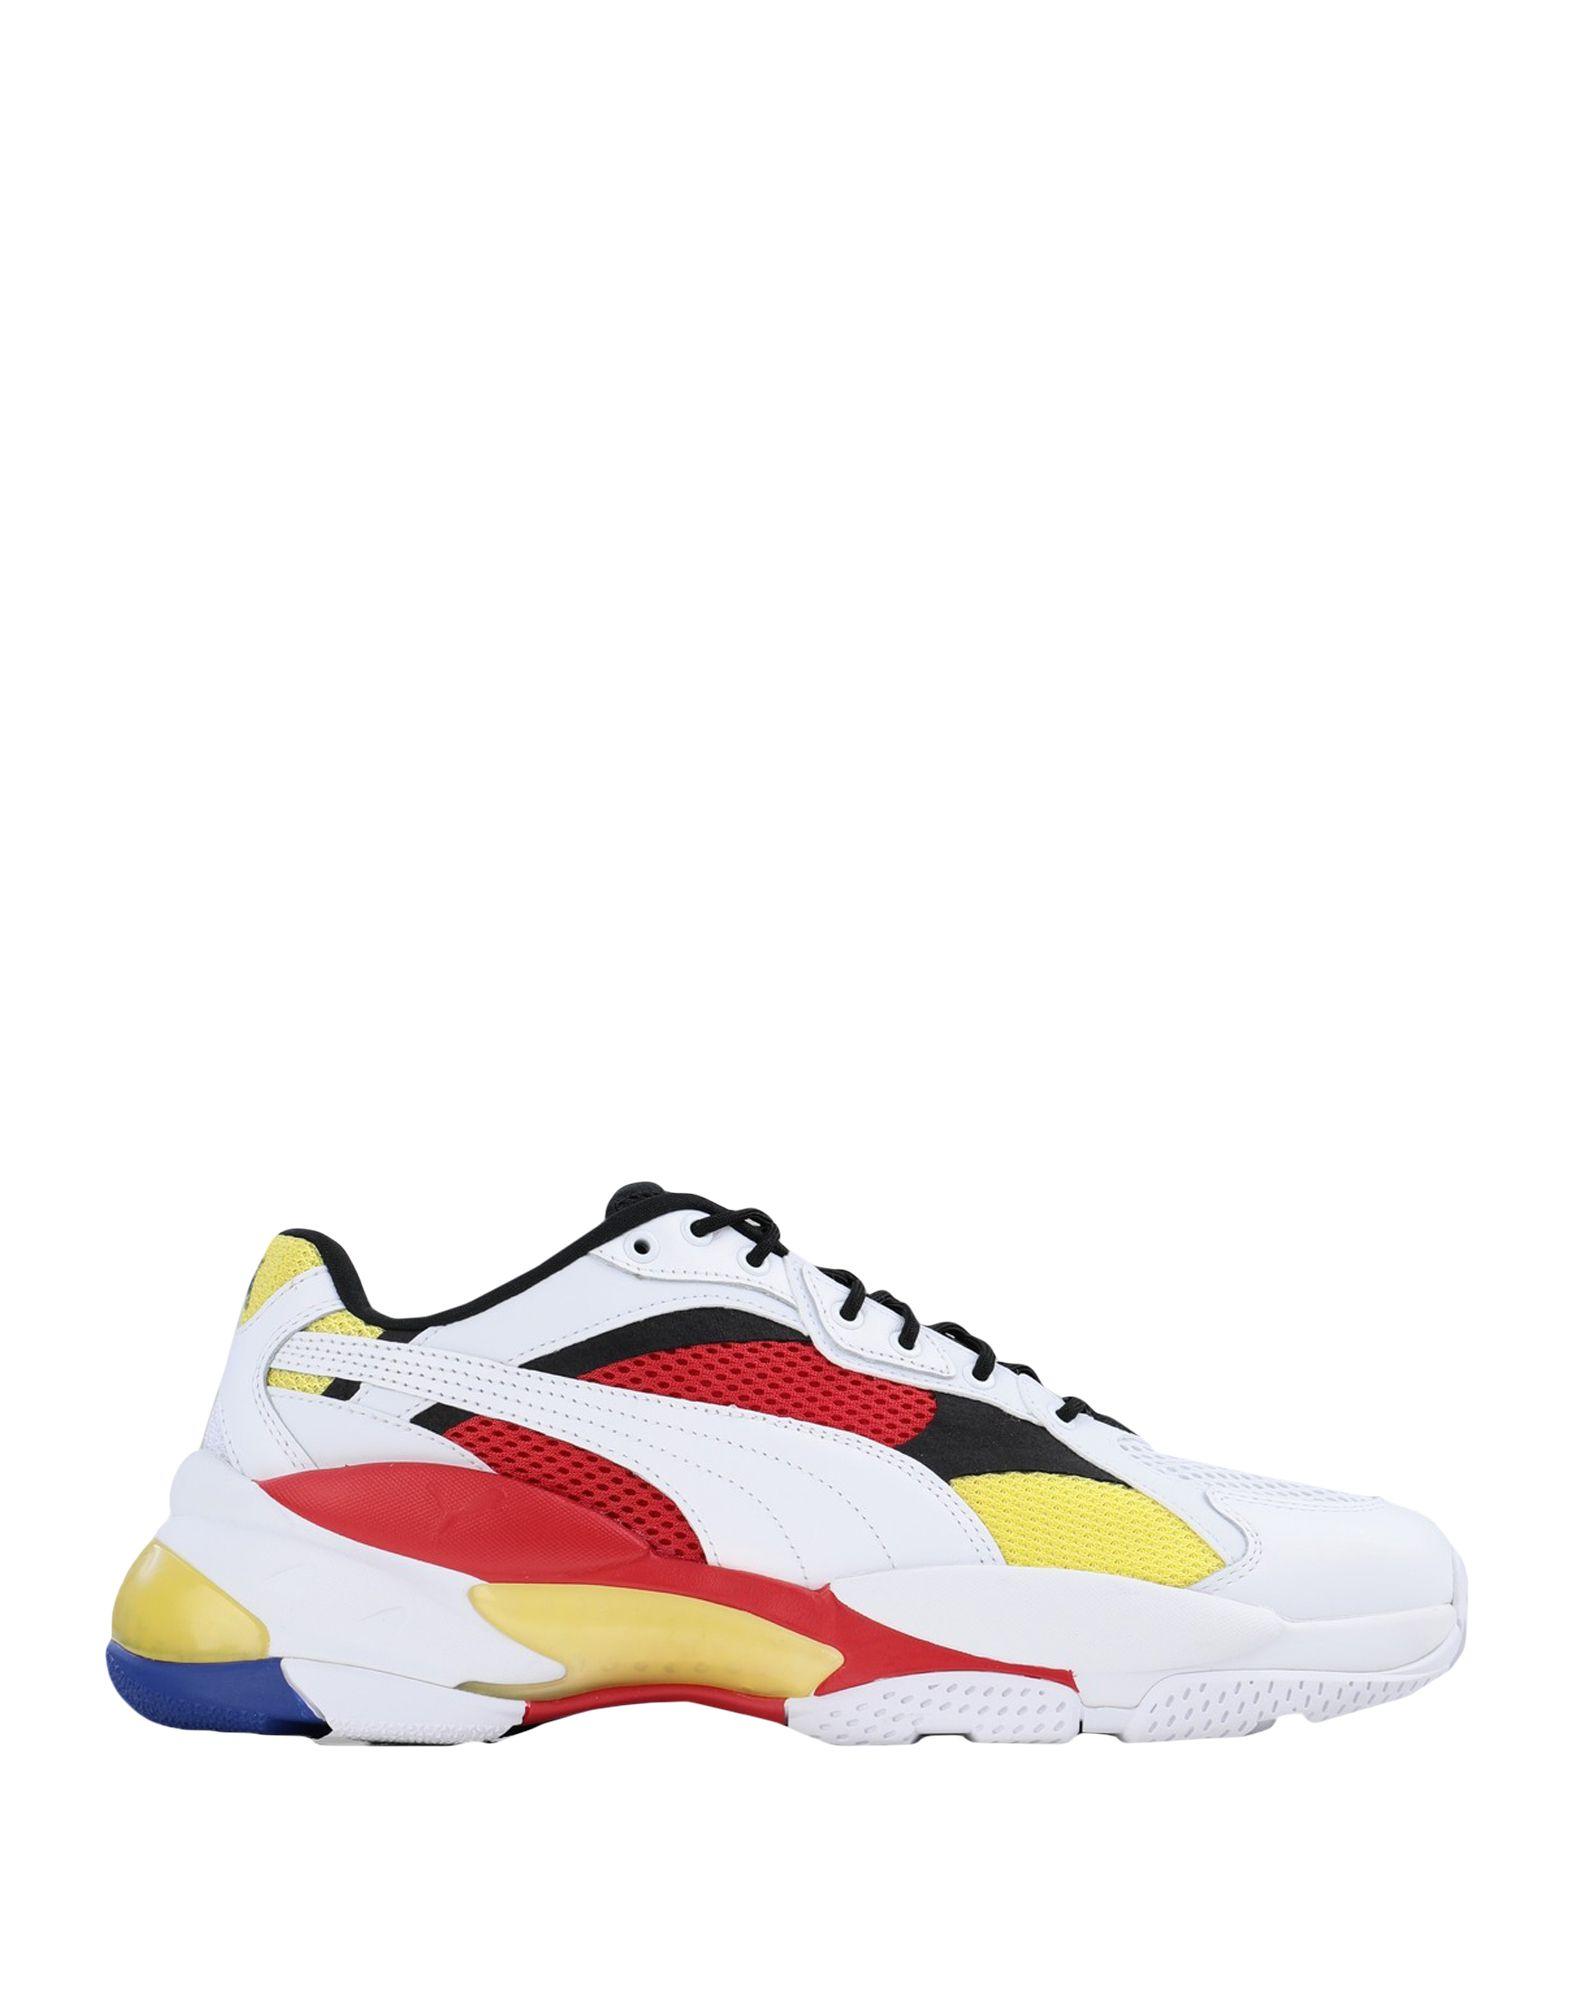 《セール開催中》PUMA メンズ スニーカー&テニスシューズ(ローカット) ホワイト 6.5 紡績繊維 LQD CELL EPSILON